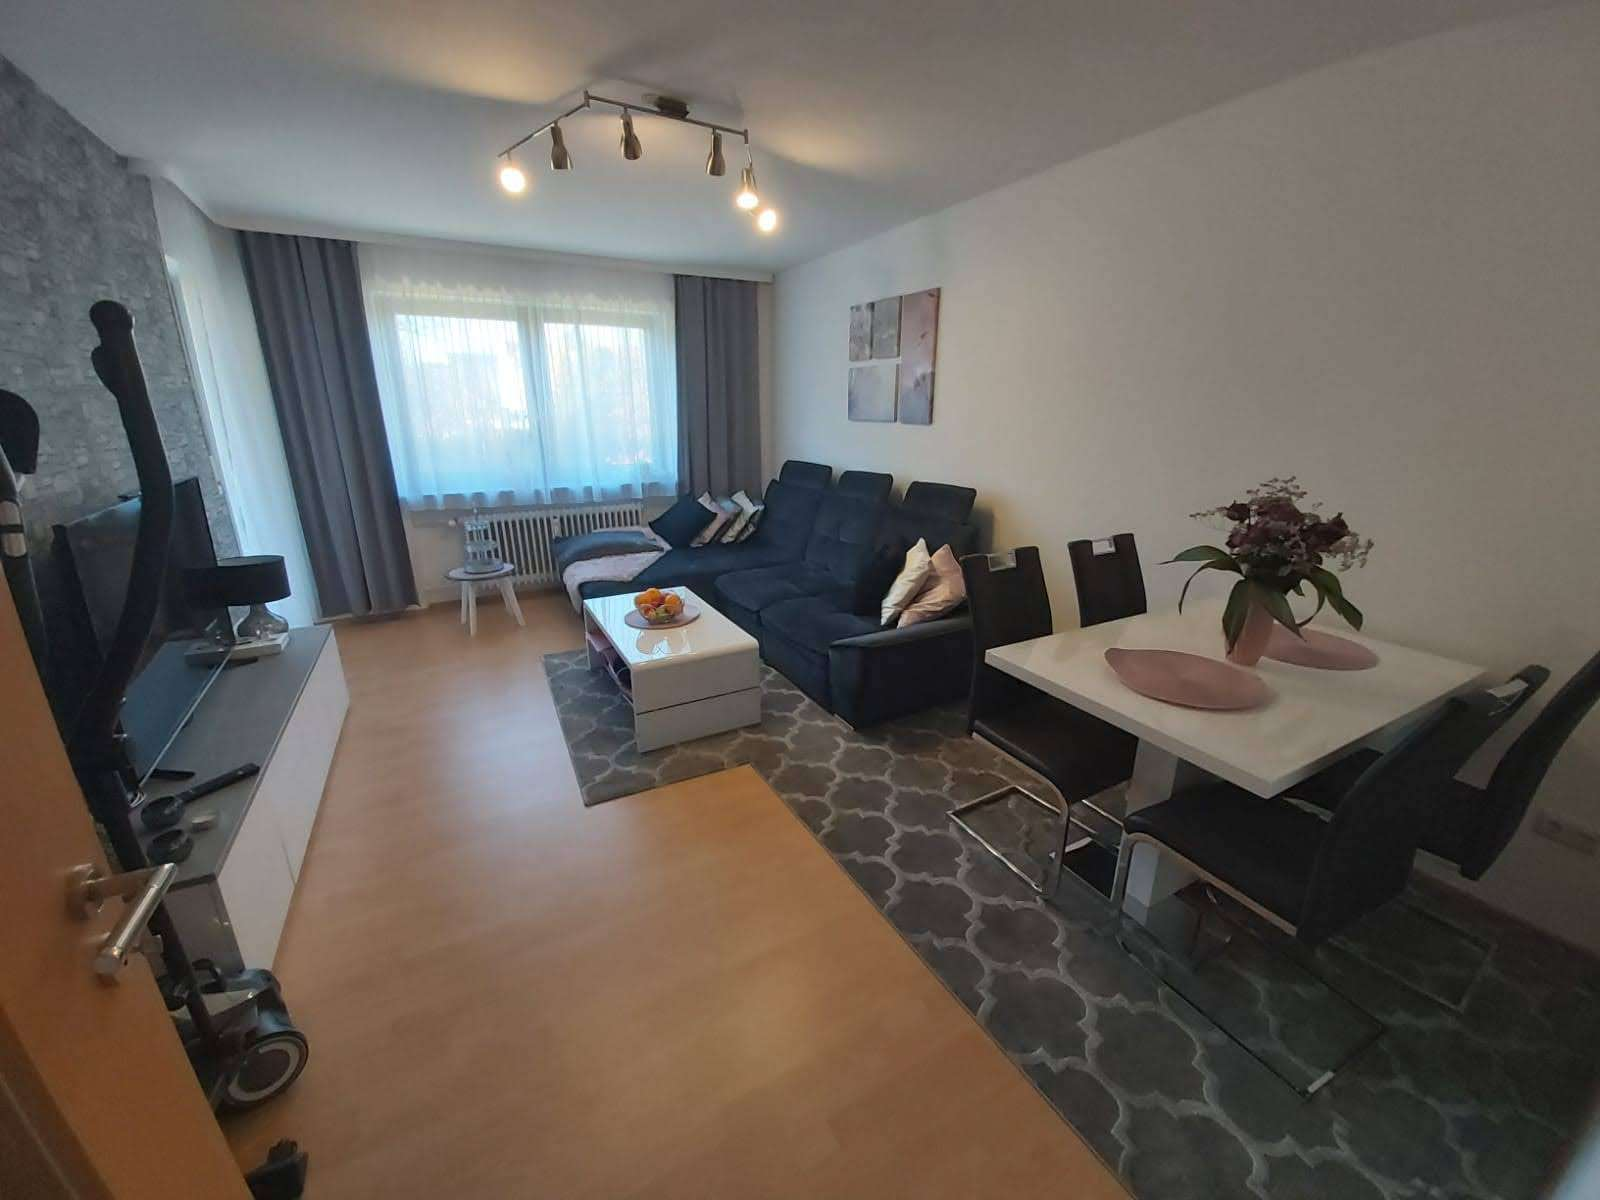 Stilvolle, modernisierte 2-Zimmer-Wohnung mit Balkon und Einbauküche in Augsburg in